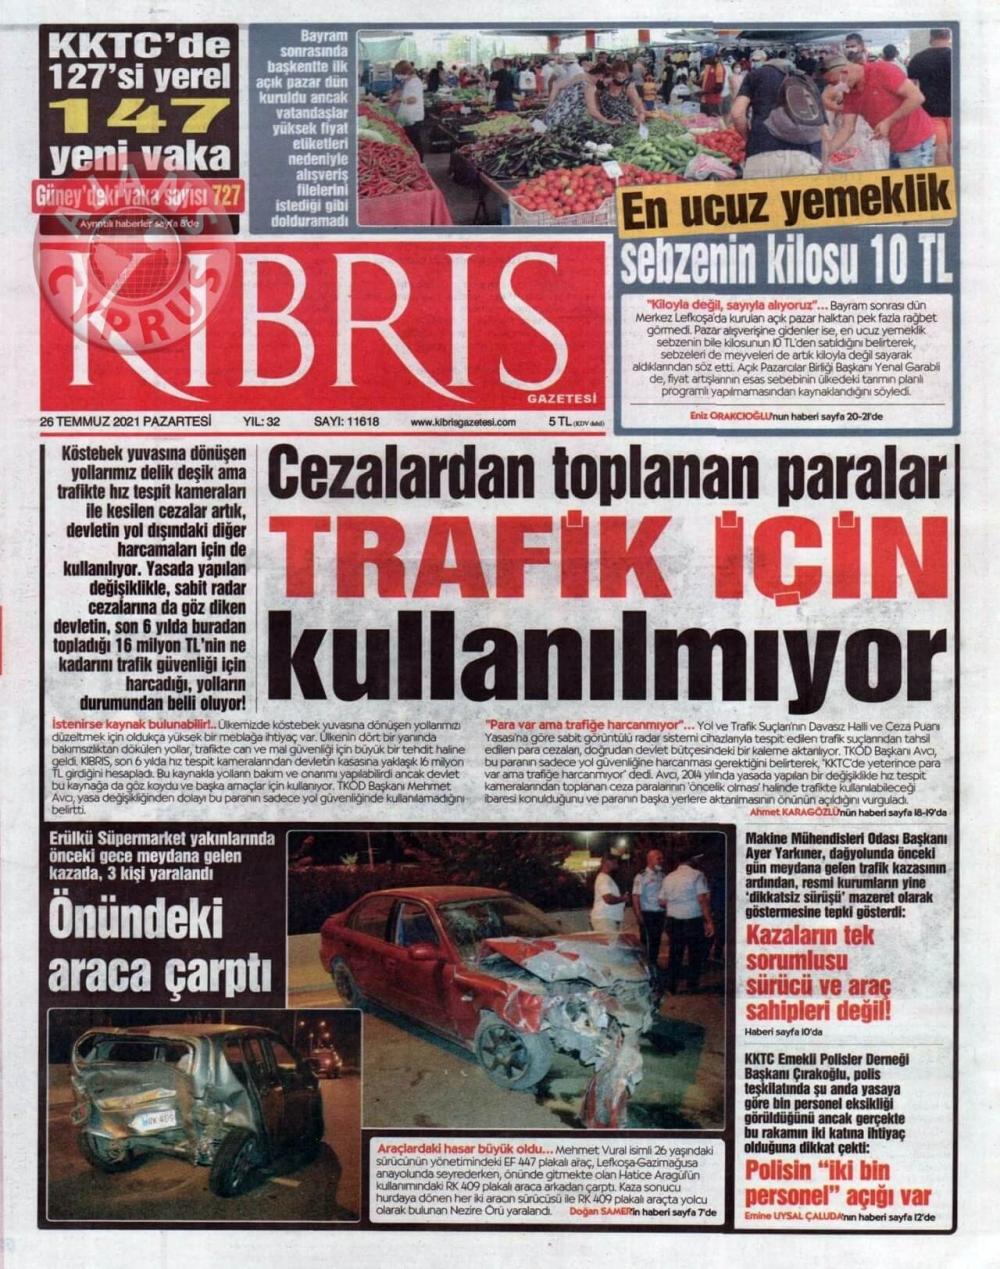 KKTC'de Gazeteler Bugün Ne Manşet Attı? (26 Temmuz 2021) galerisi resim 2